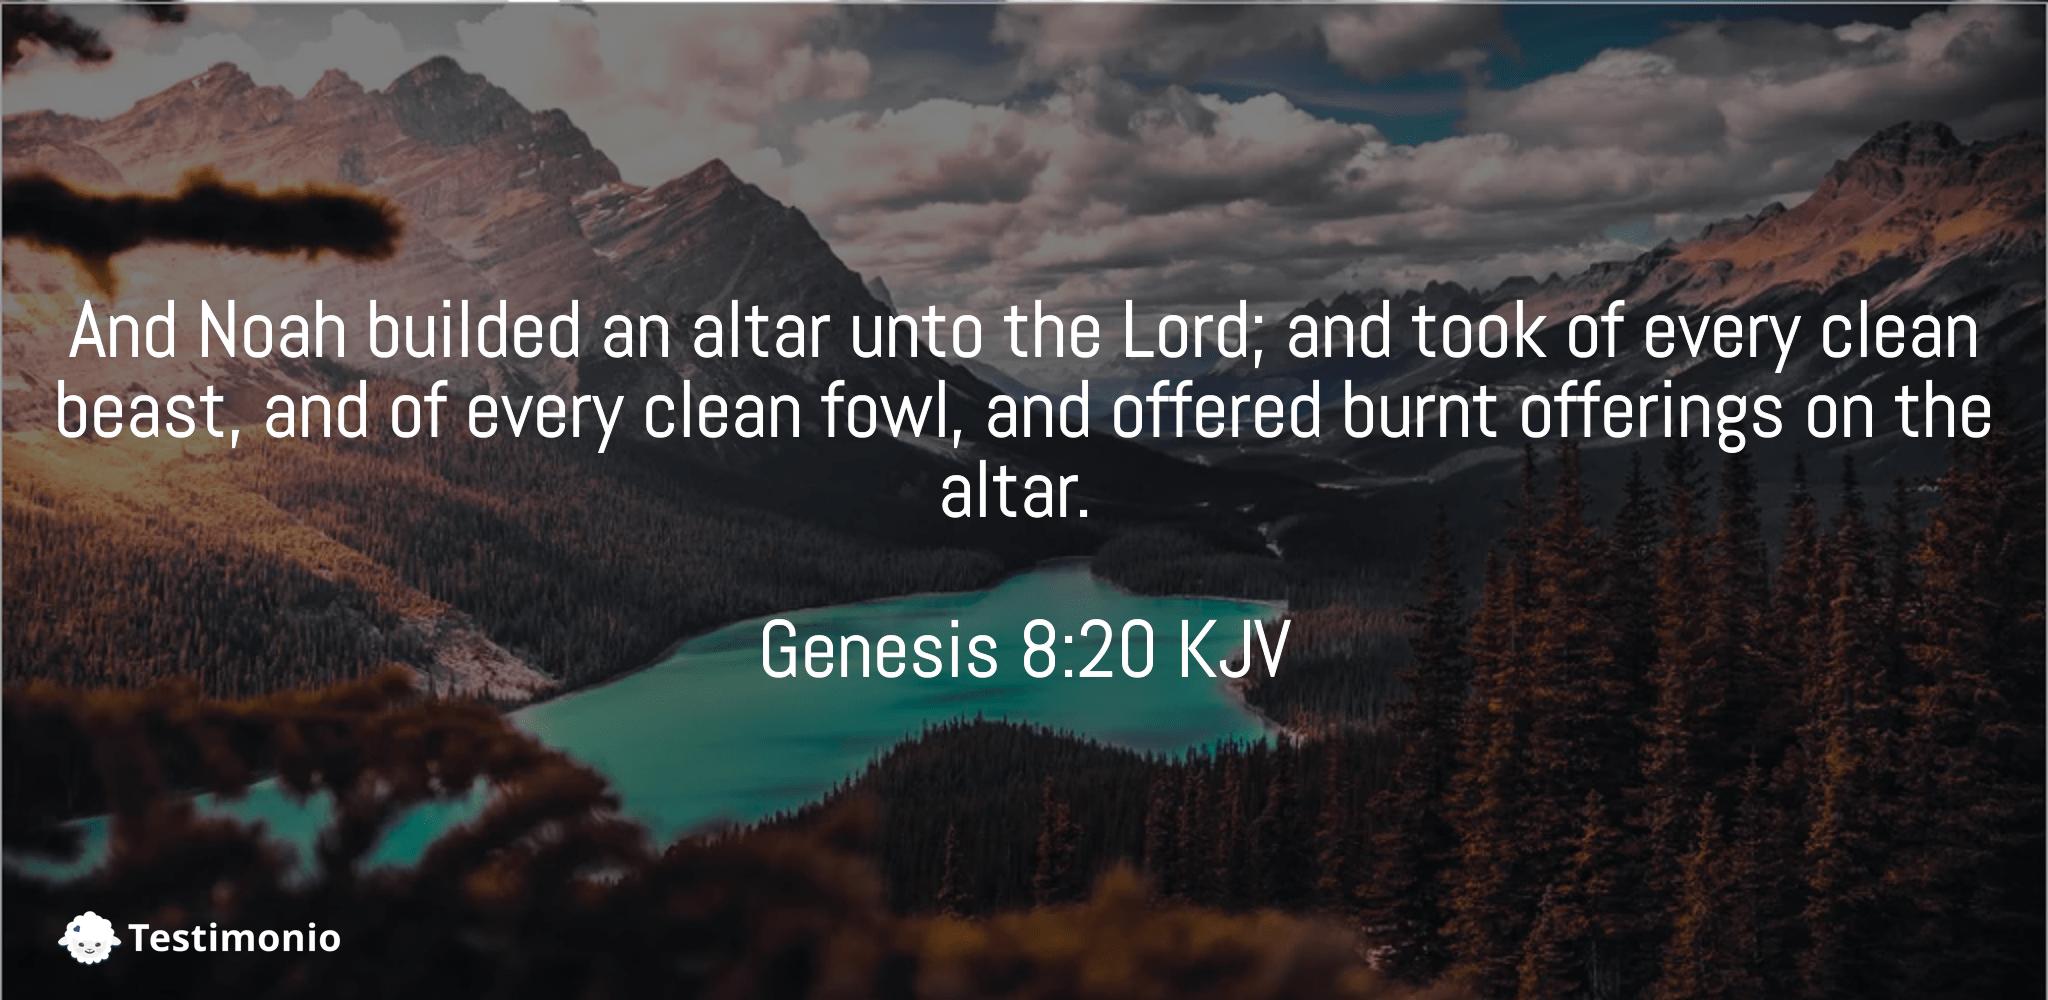 Genesis 8:20